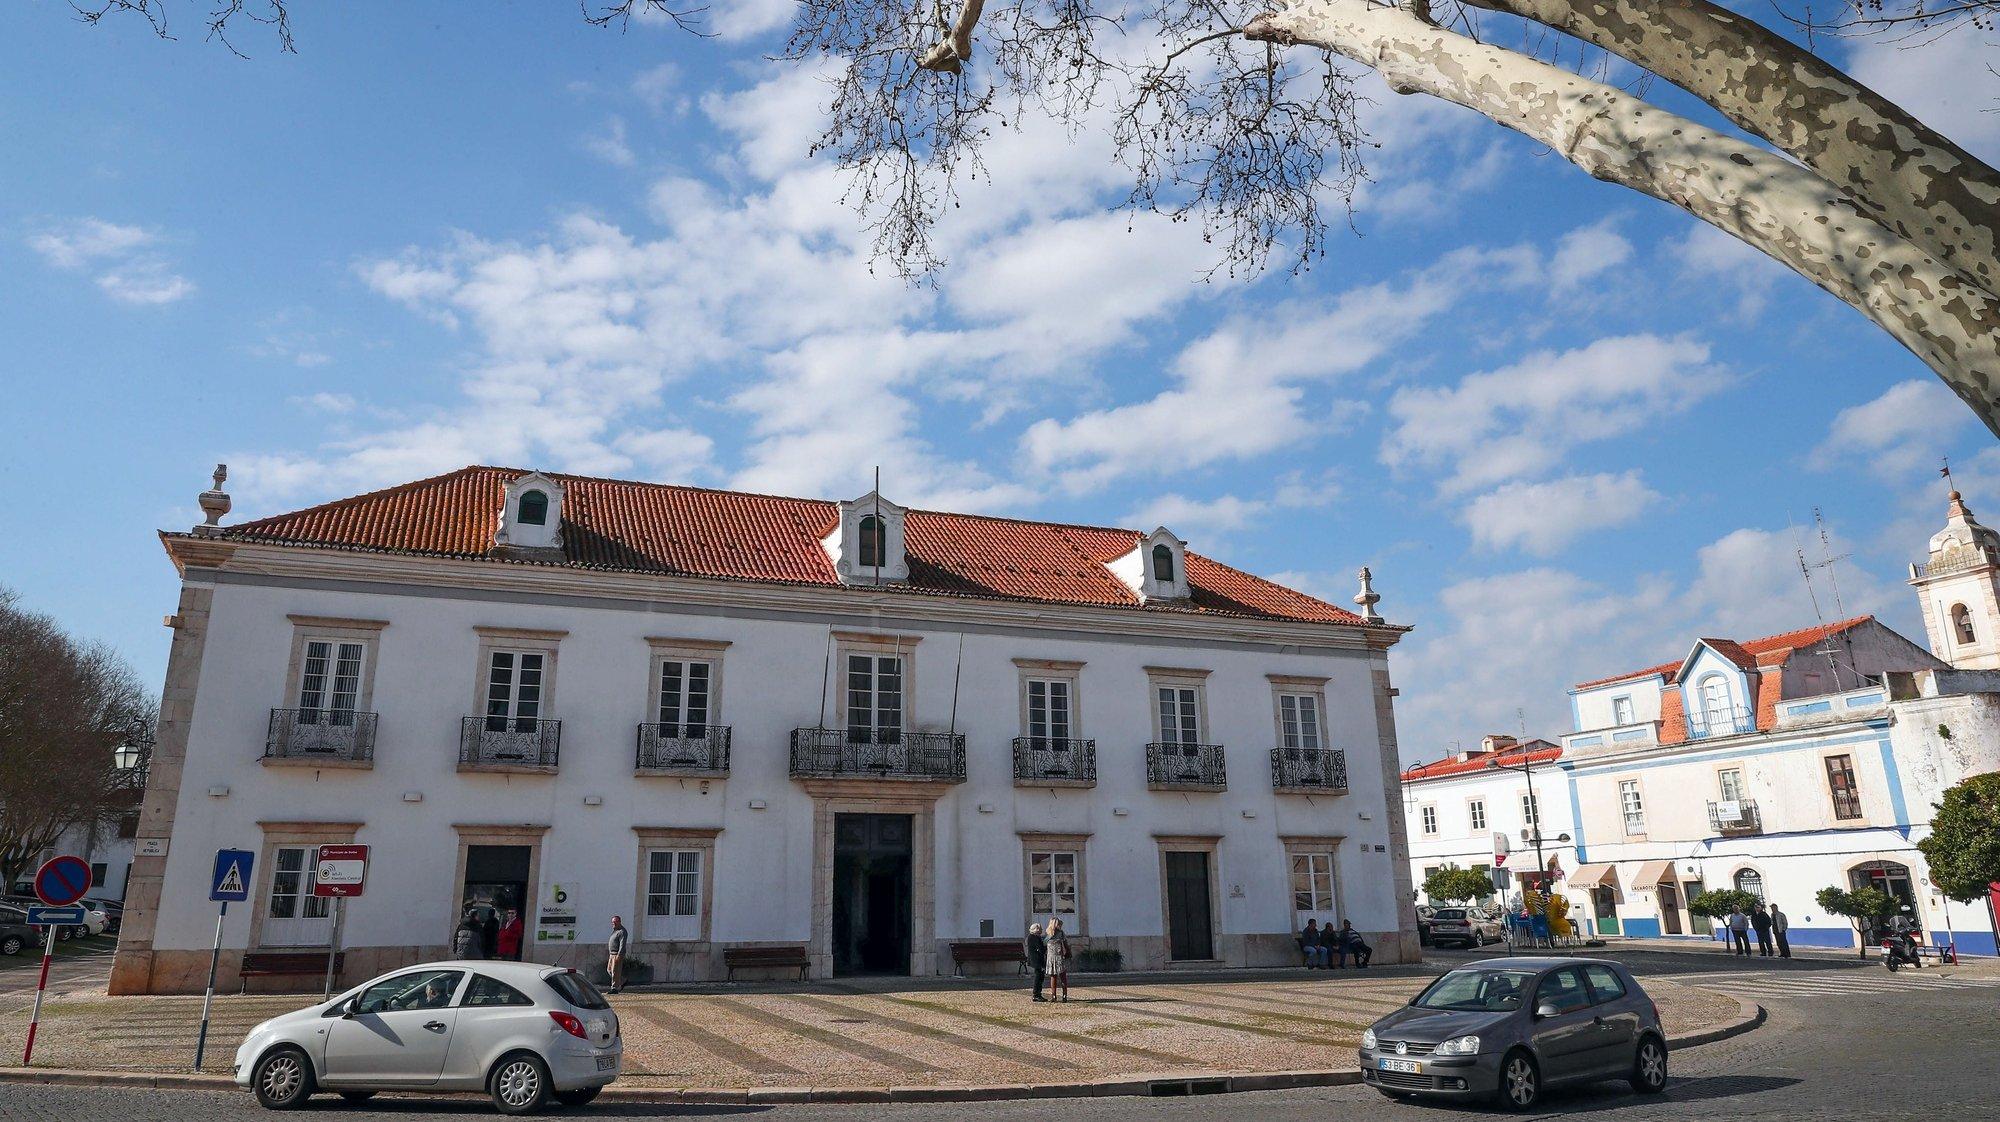 Fachada da Câmara Municipal de Borba, Borba, 20 de fevereiro de 2020. NUNO VEIGA/LUSA